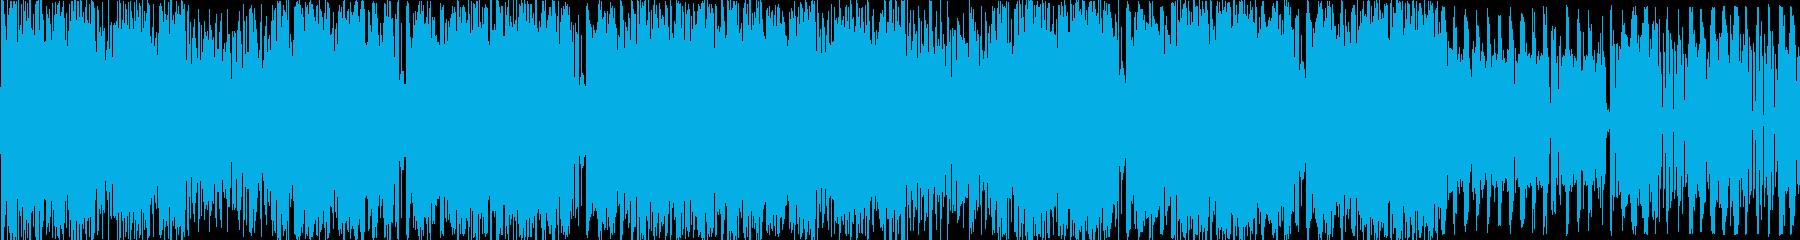 とにかく激しいエレクトロ曲 ループverの再生済みの波形